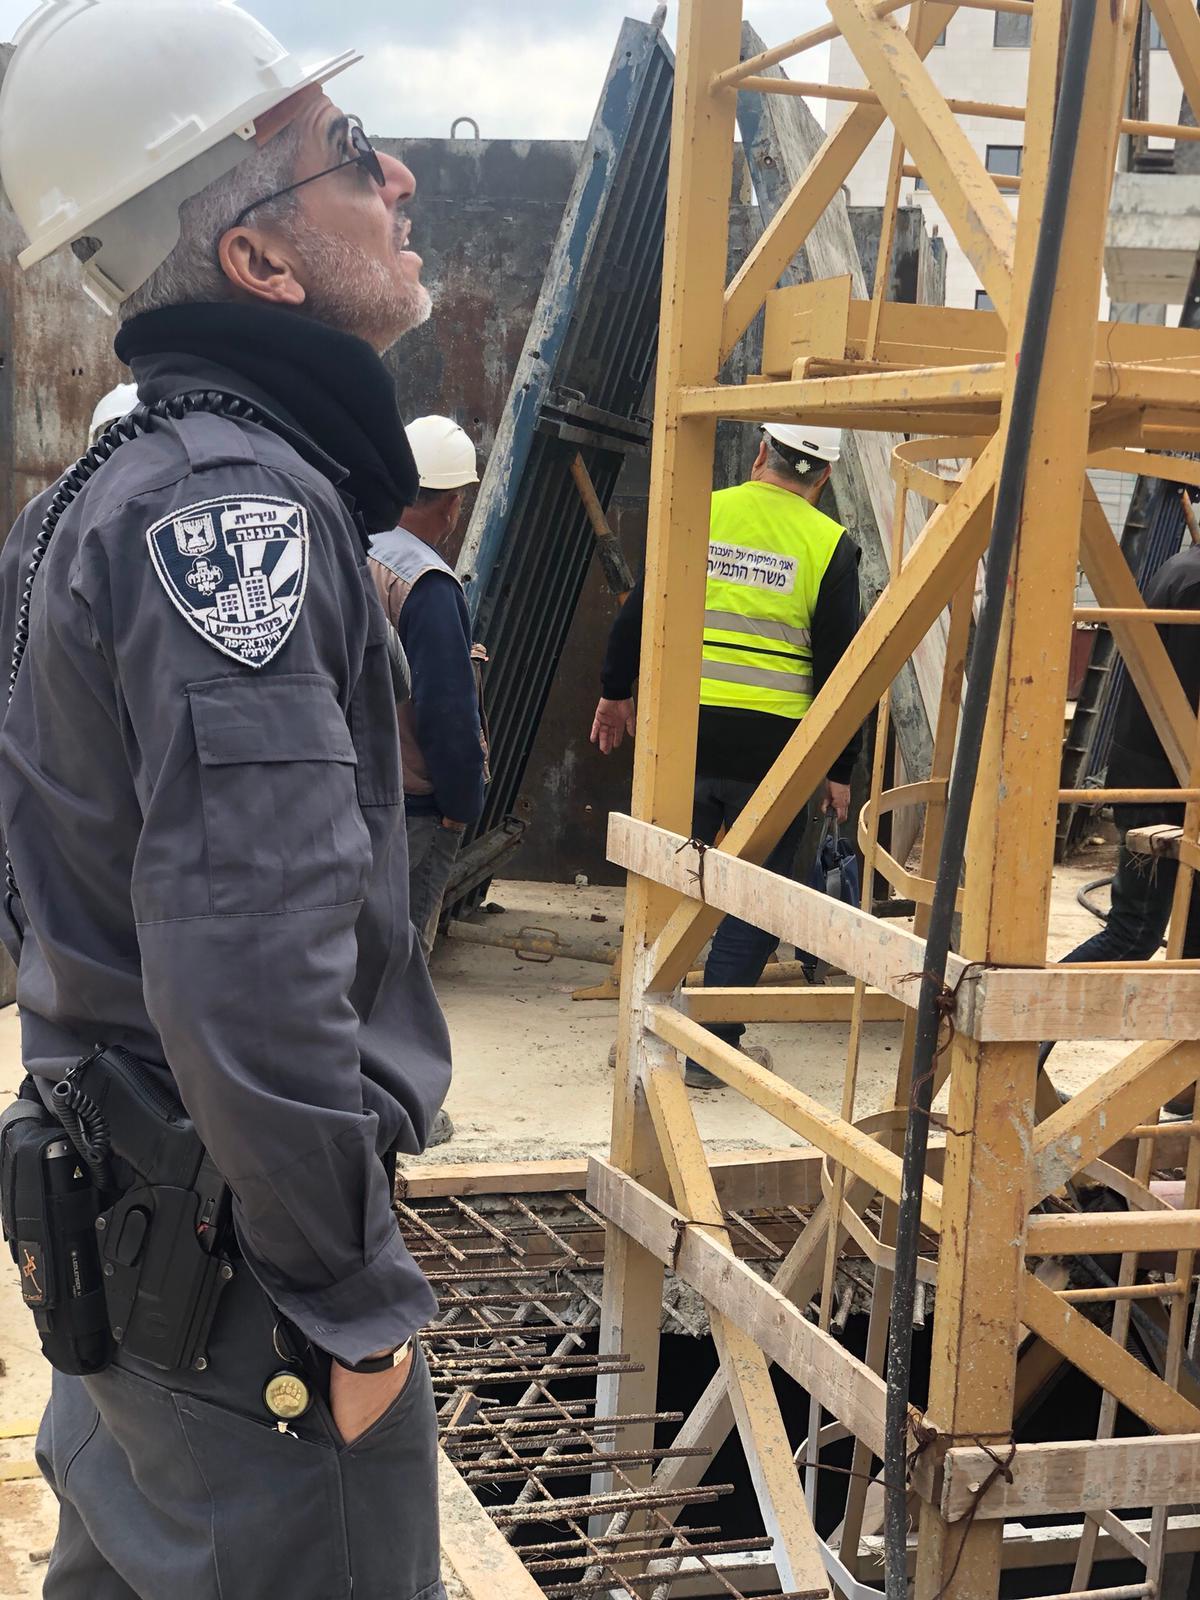 עיריית רעננה קיימה מבצע ביקורת בטיחות באתרי הבנייה ברעננה